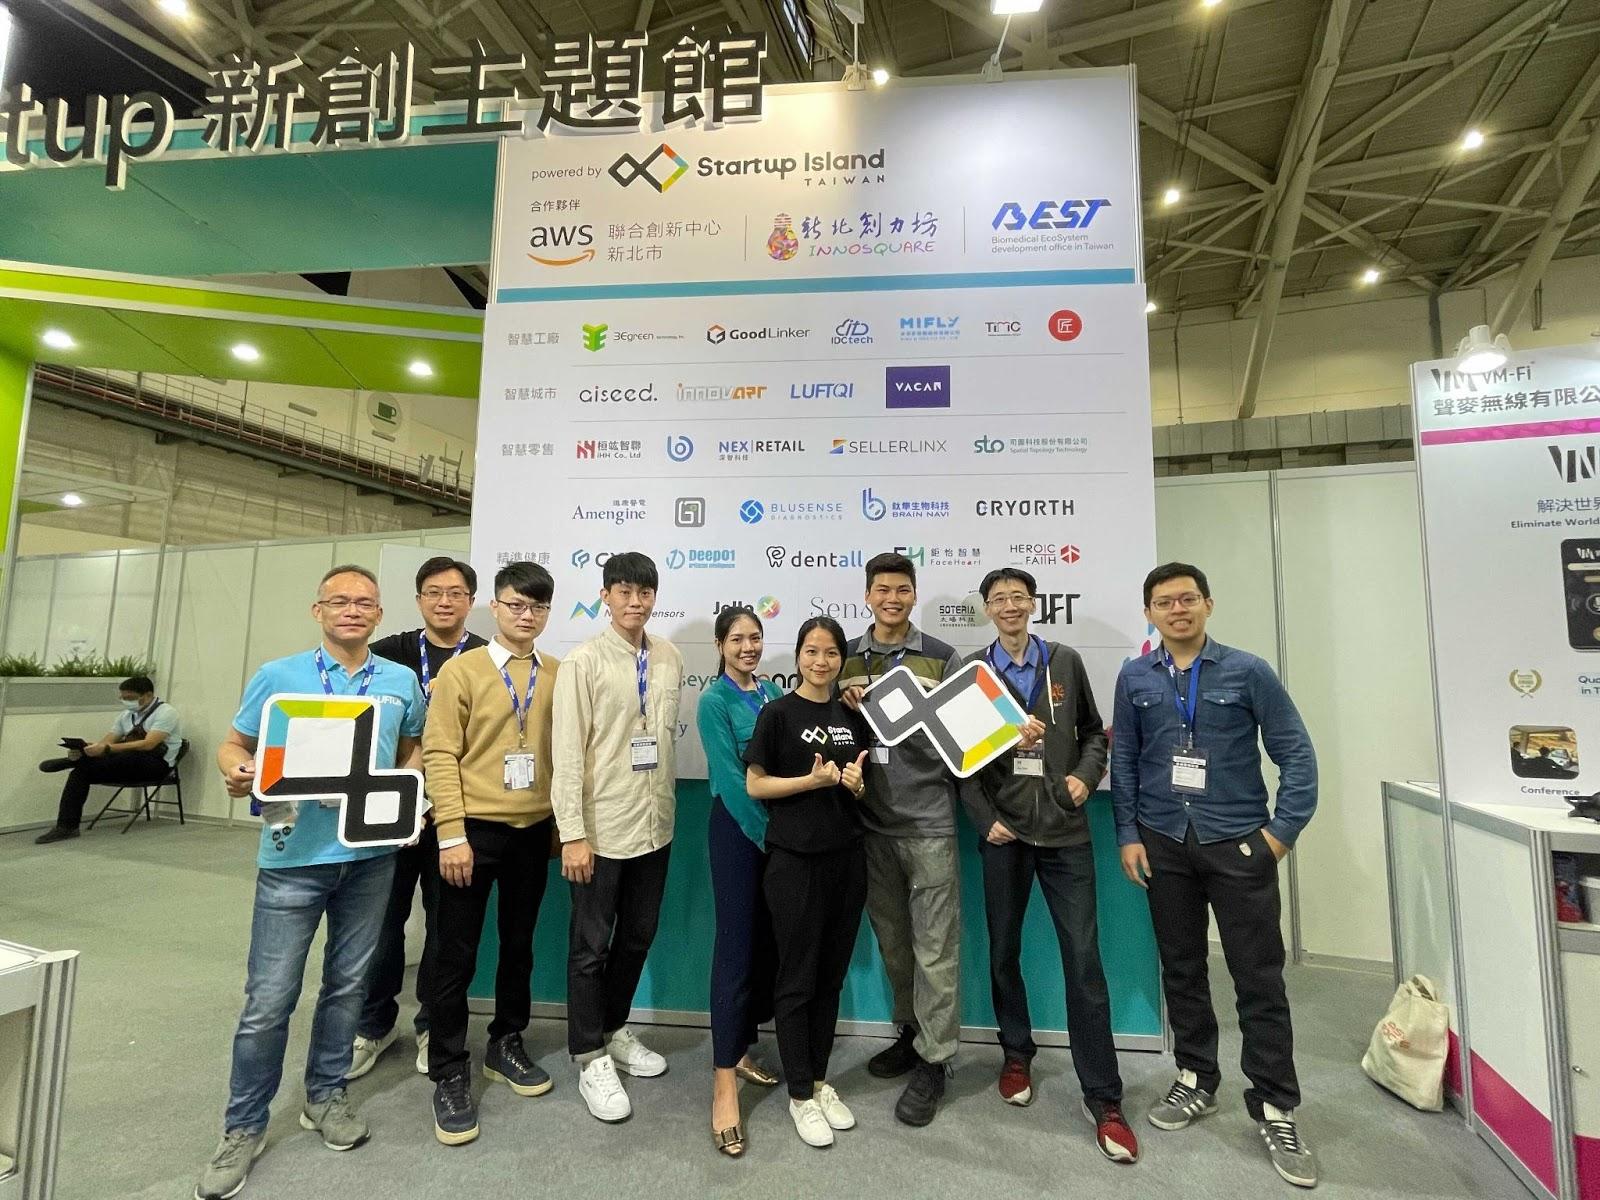 聯合 Startup Island TAIWAN, Touch Taiwan 首次規劃新創主題館加速媒合企業端